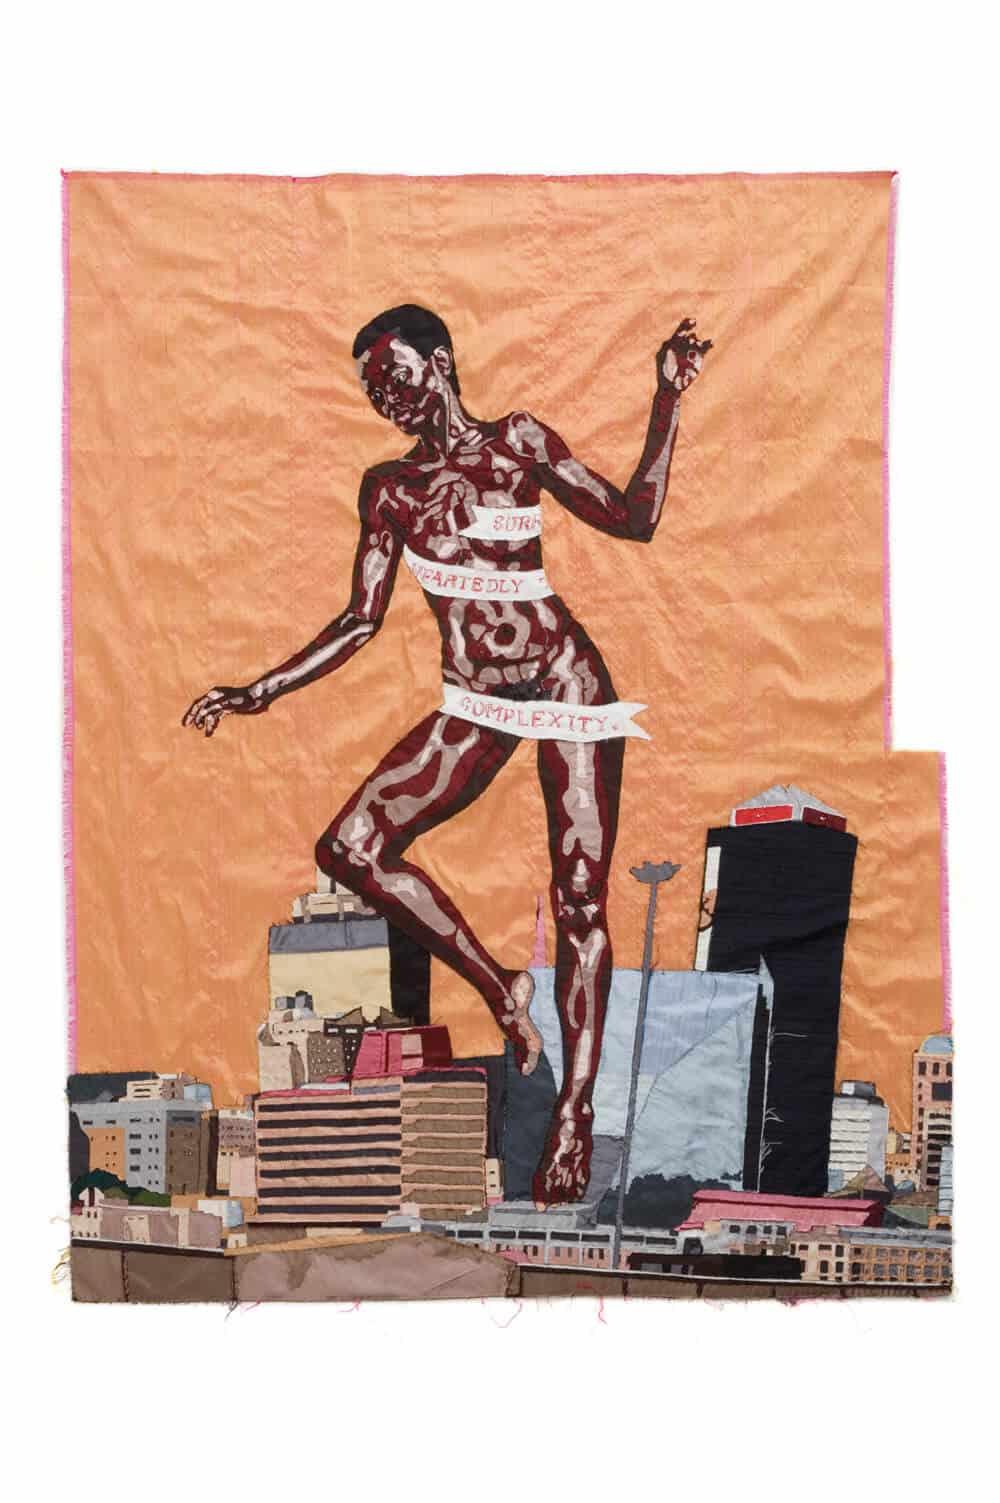 Billie Zangewa, La rinascita di Venere nera, 2010. Tappezzeria in seta, 127x103cm. Per gentile concessione dell'artista e progetti in bianco.